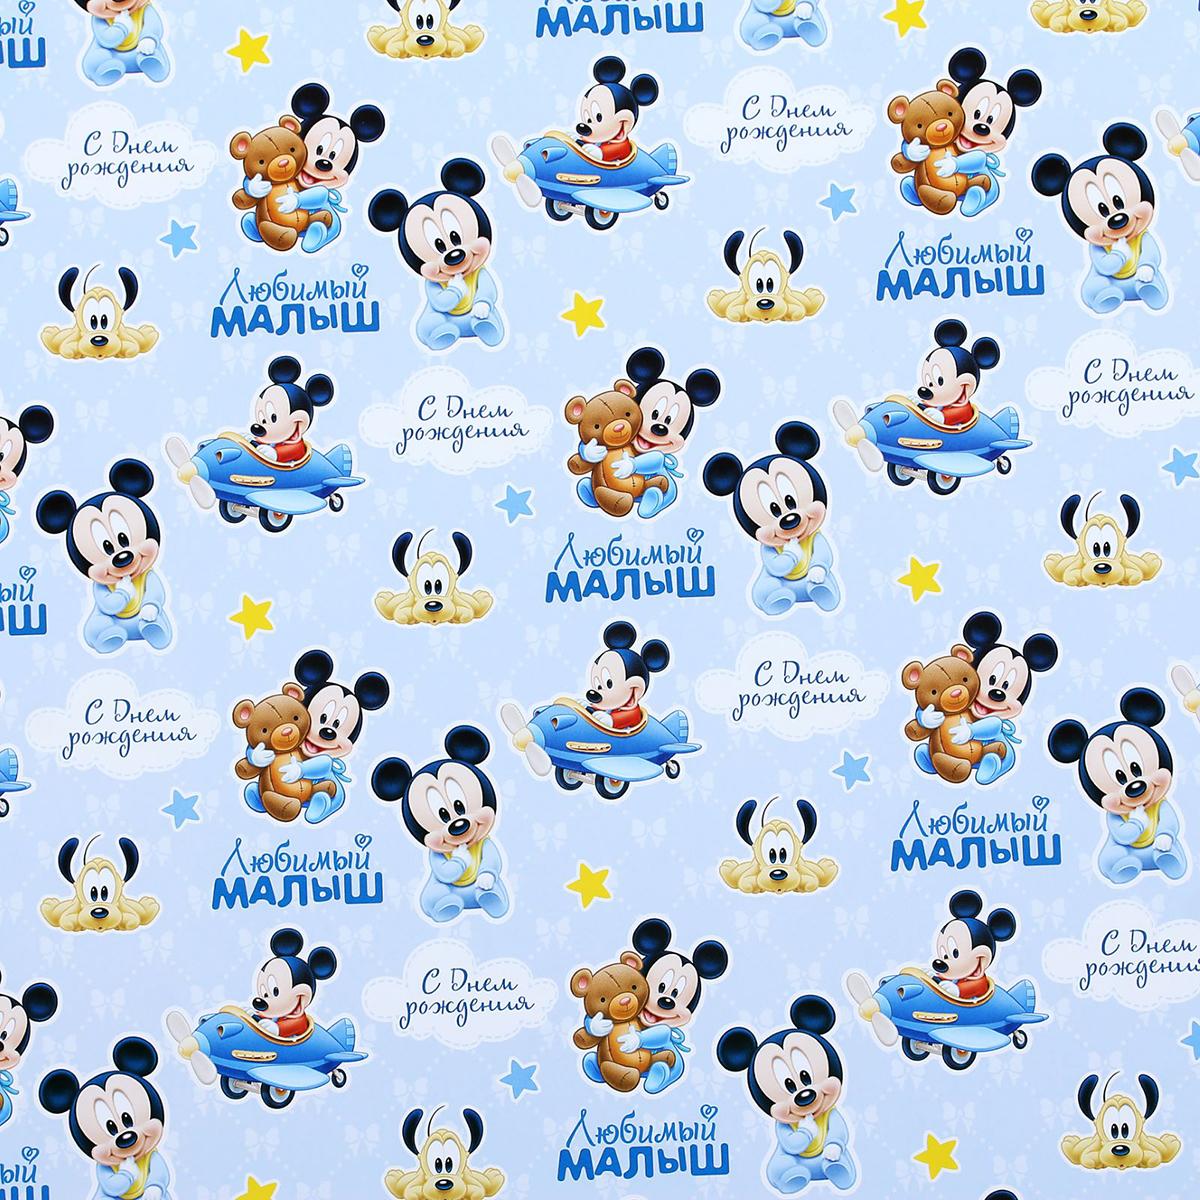 Бумага упаковочная Disney Любимый малыш, глянцевая, 70 х 100 см. 13020041302004Удивительный мир Disney теперь совсем близко! Любимые герои и сюжеты в эксклюзивном дизайне нашей собственной разработки превращают любое изделие в современное произведение искусства с голливудским характером. Подарочная глянцевая бумага отличается высоким качеством печати и плотностью материала, что делает её удобной в вопросе оформления подарков. Такая упаковка всегда будет актуальна, ведь мультфильмы Disney, как вино, с годами становятся только лучше.